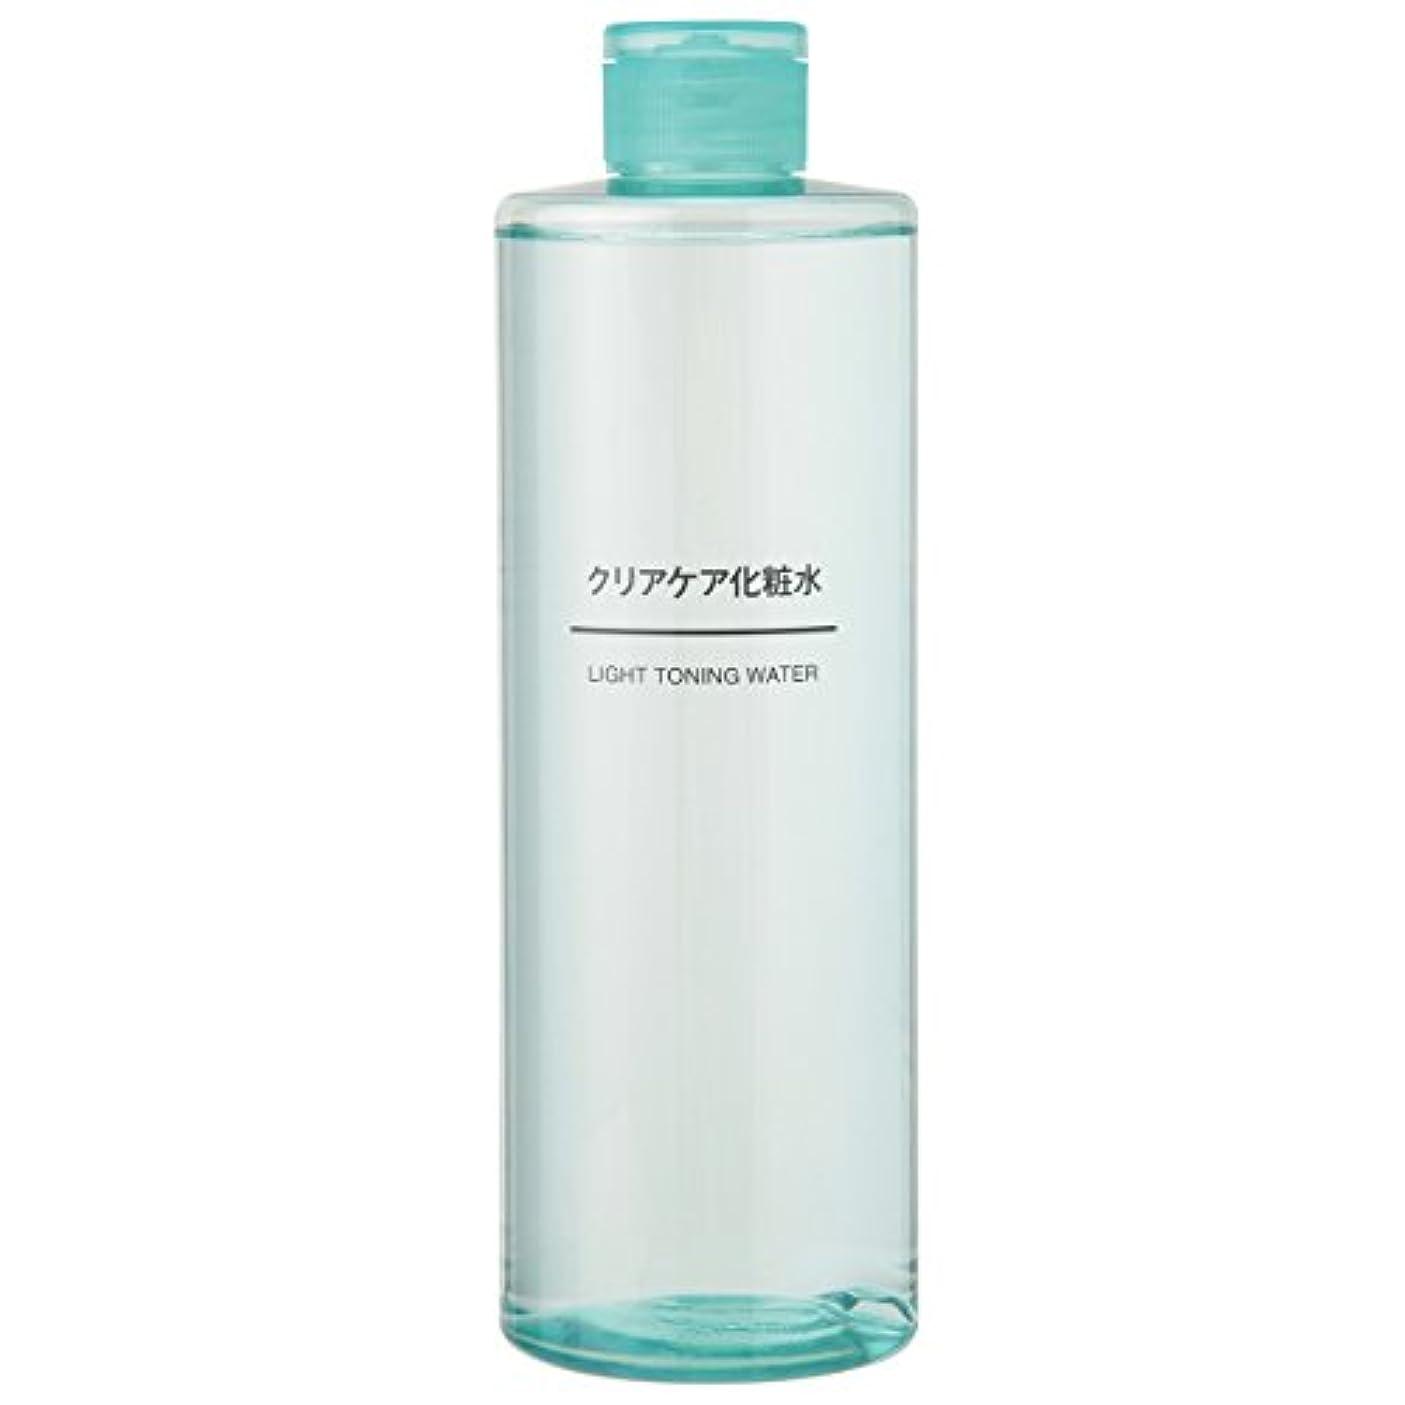 無印良品 クリアケア化粧水(大容量) 400ml